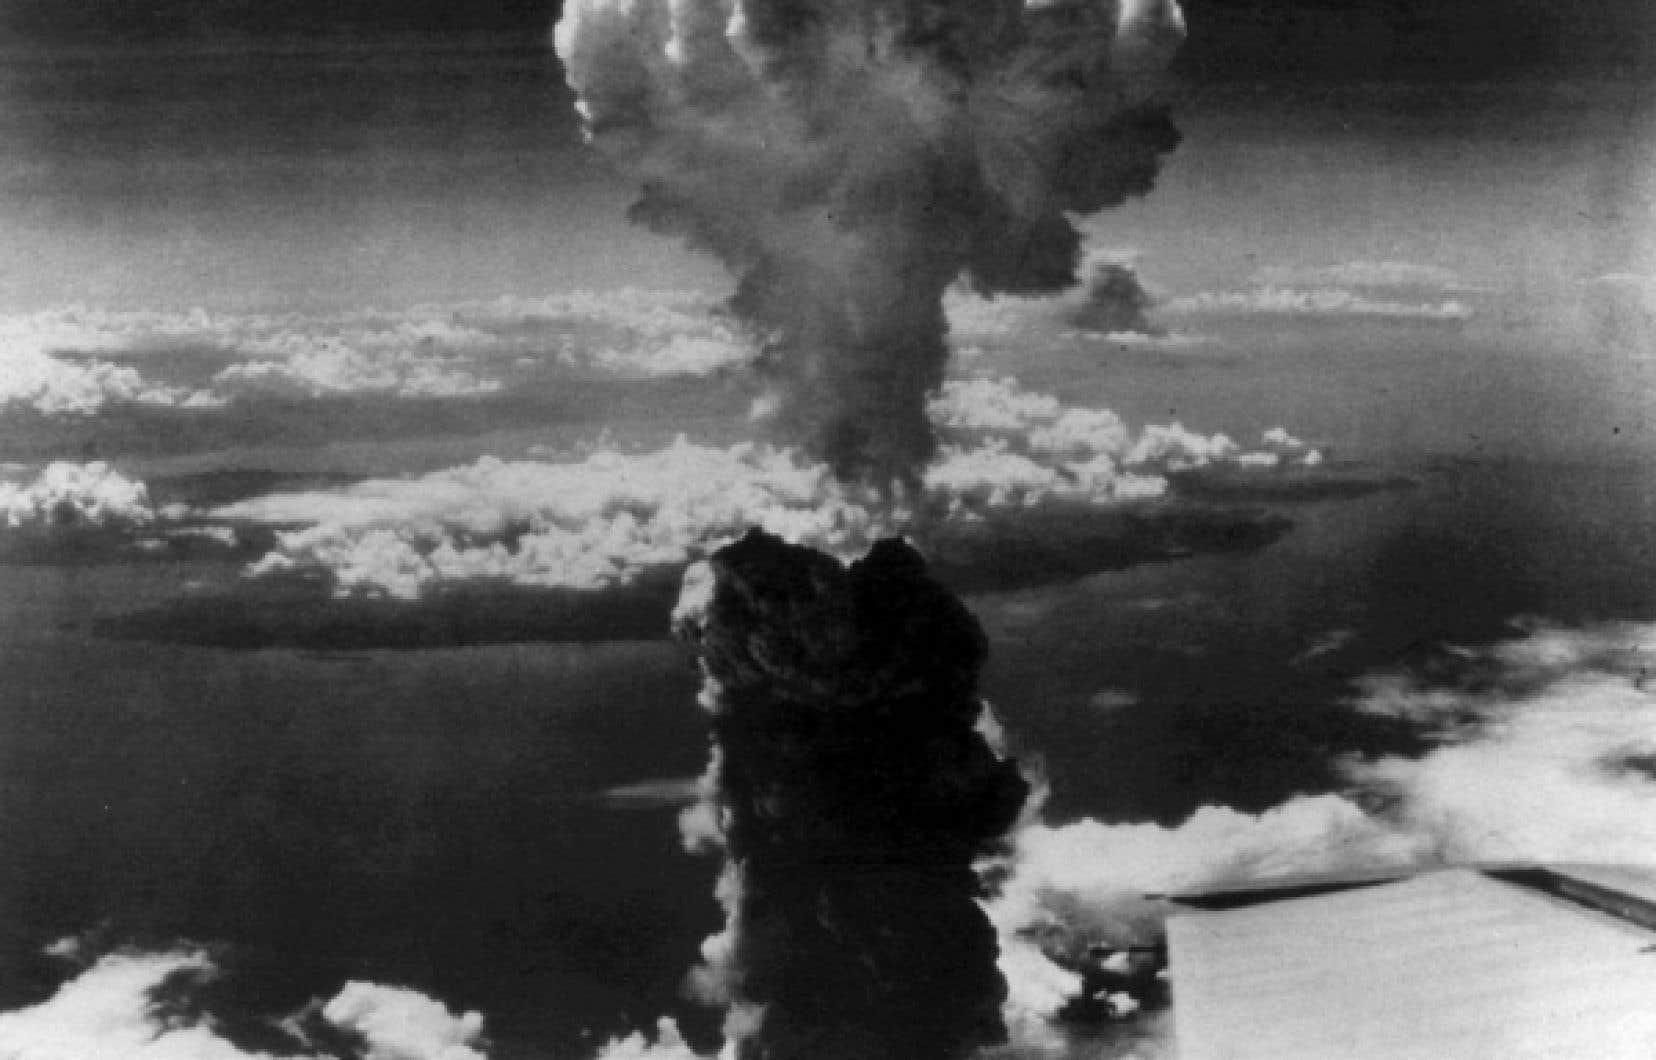 L'explosion de la première bombe atomique sur le Japon soulève dans Le Devoir un commentaire maison intitulé «La bombe atomique: nouvelle arme des Alliés contre le Japon», rédigé par le journaliste Paul Sauriol, qui met en exergue «le problème moral que pose cette découverte».<br />